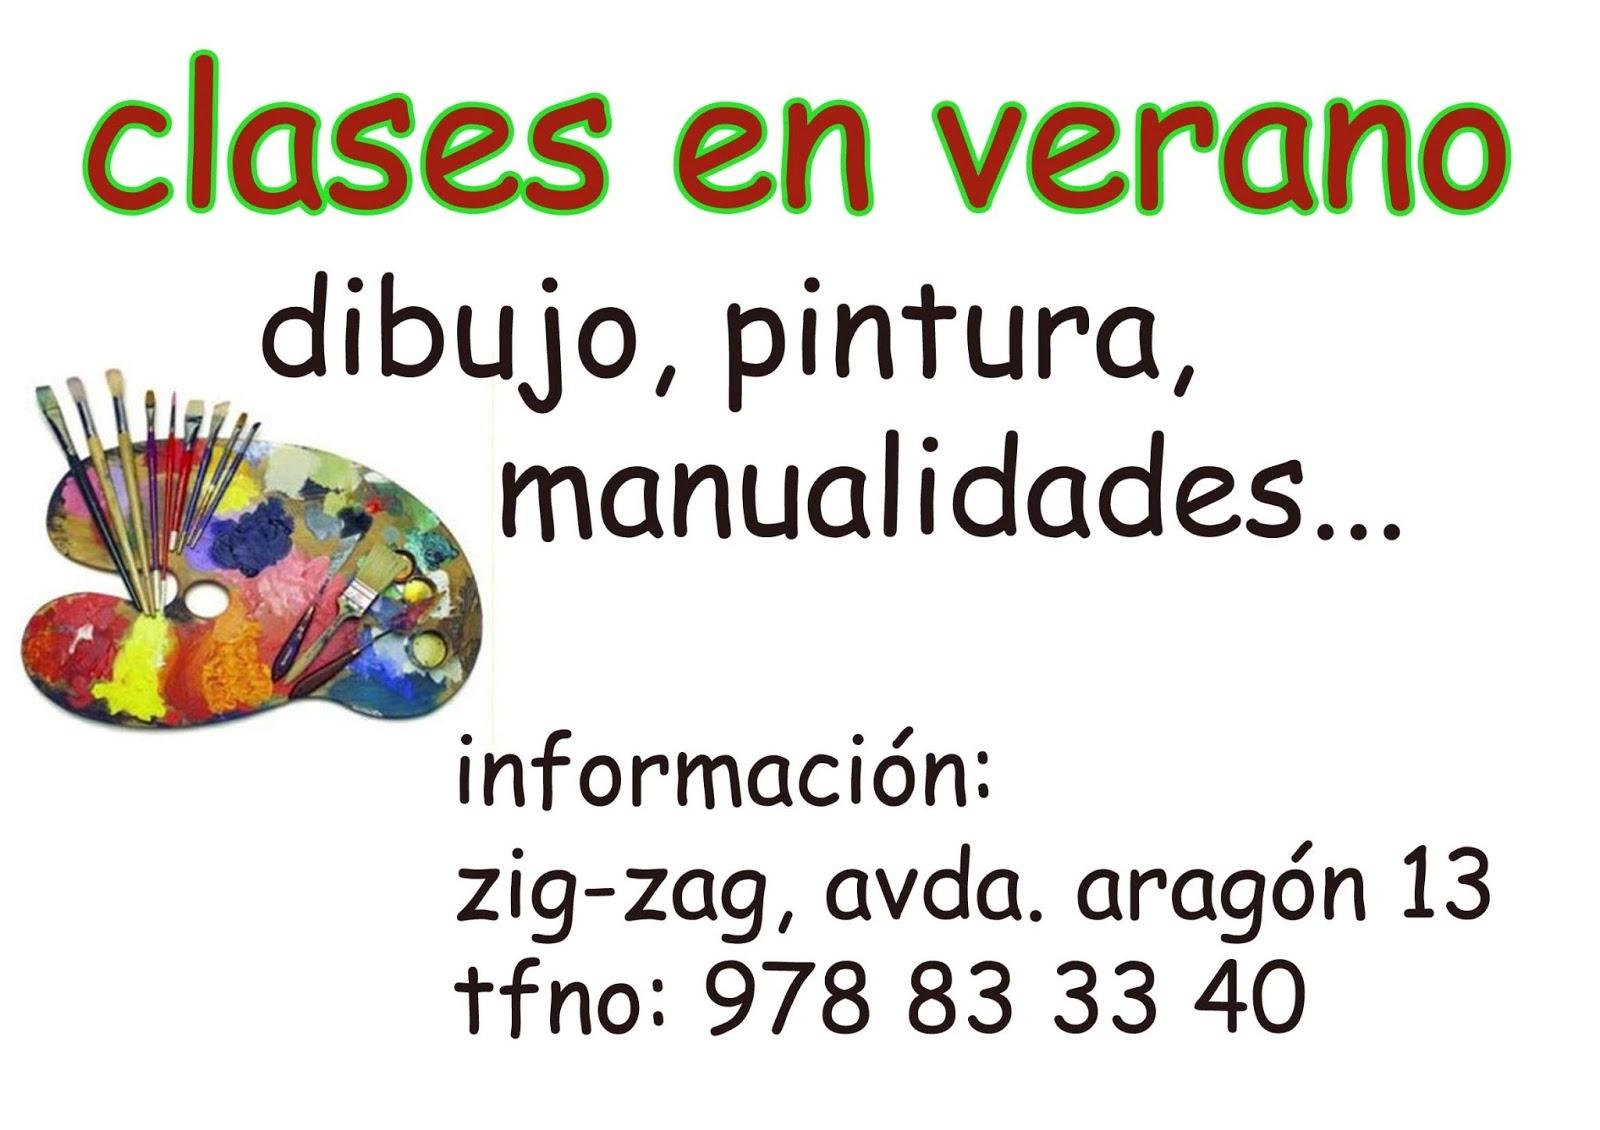 Manualidades y bellas artes zig zag avda arag n 13 alca iz - Clases de manualidades en madrid ...